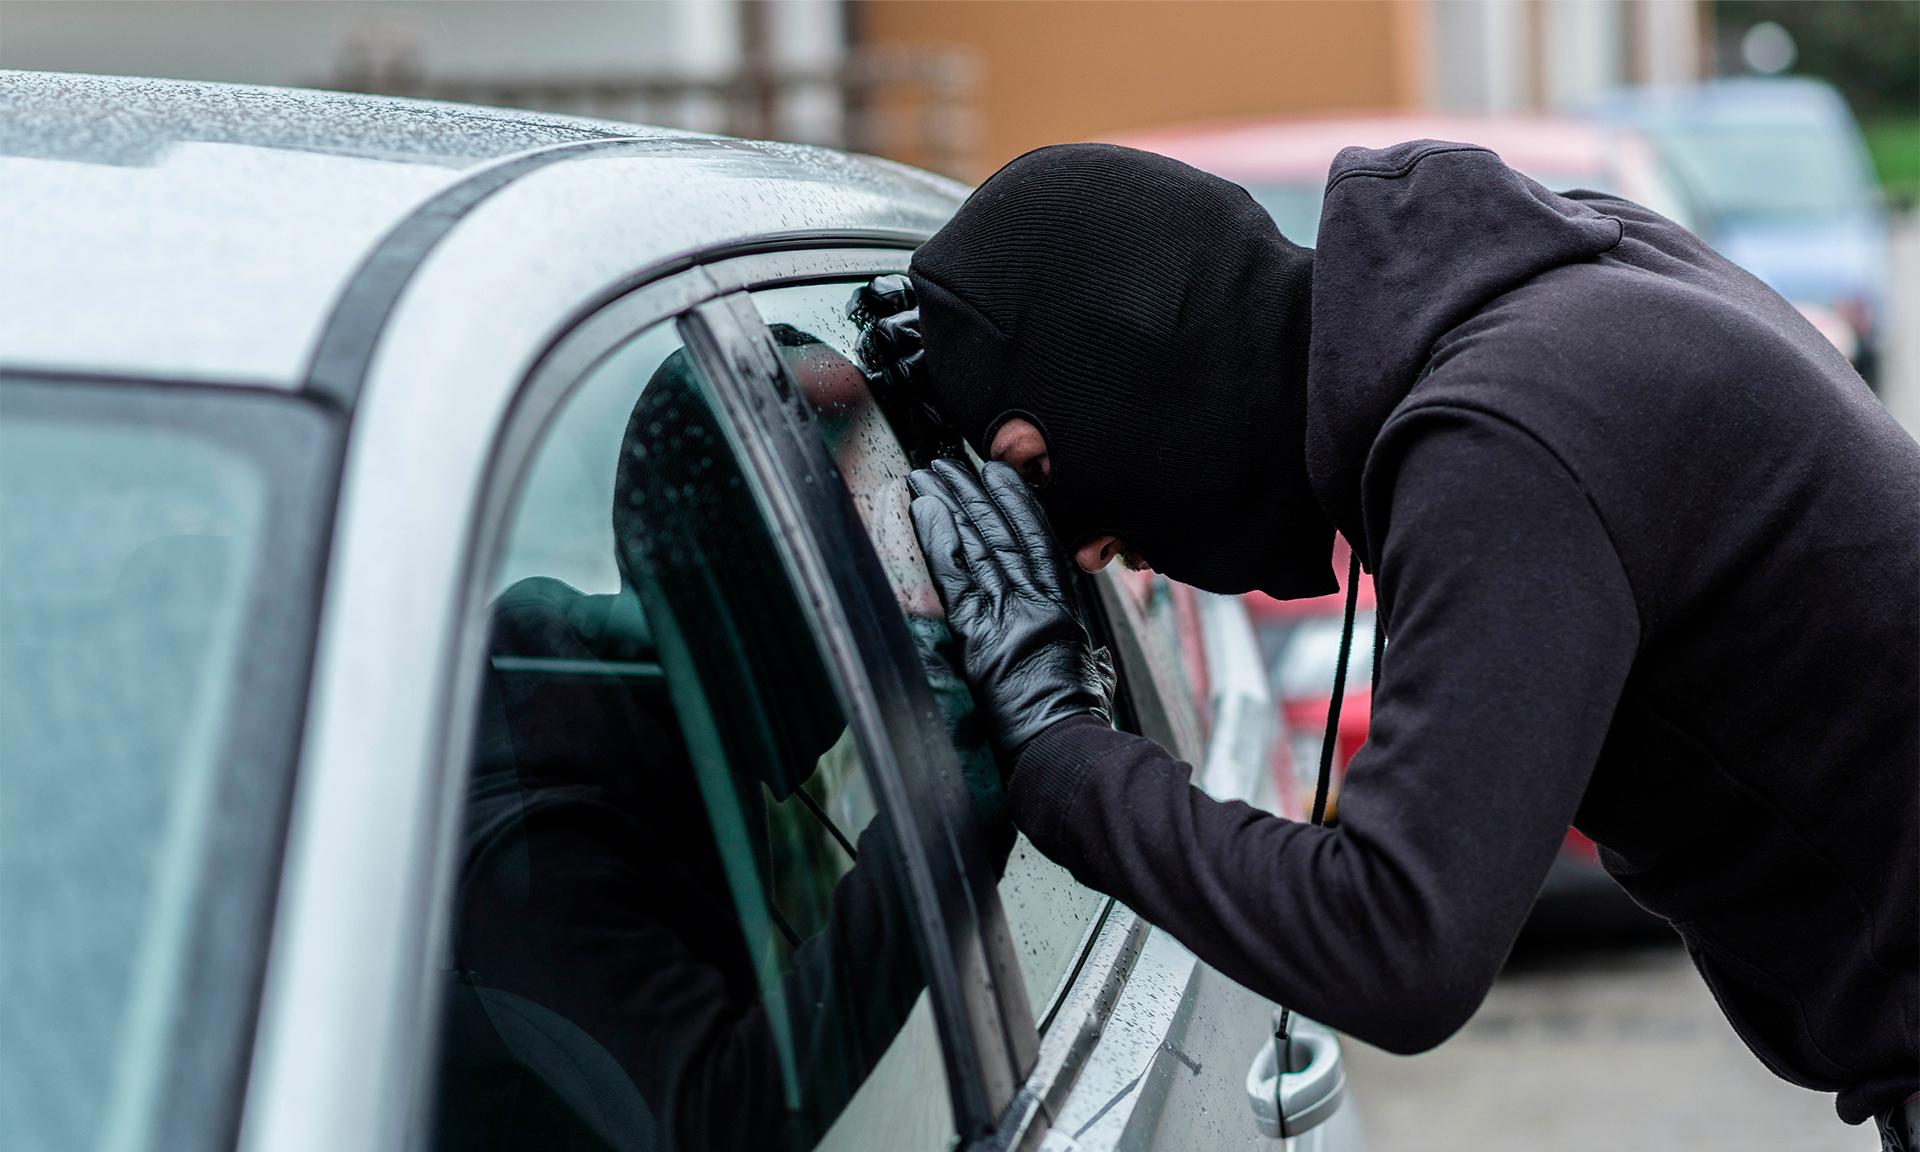 Ποια αυτοκίνητα προτιμούν οι κλέφτες στη Βρετανία;